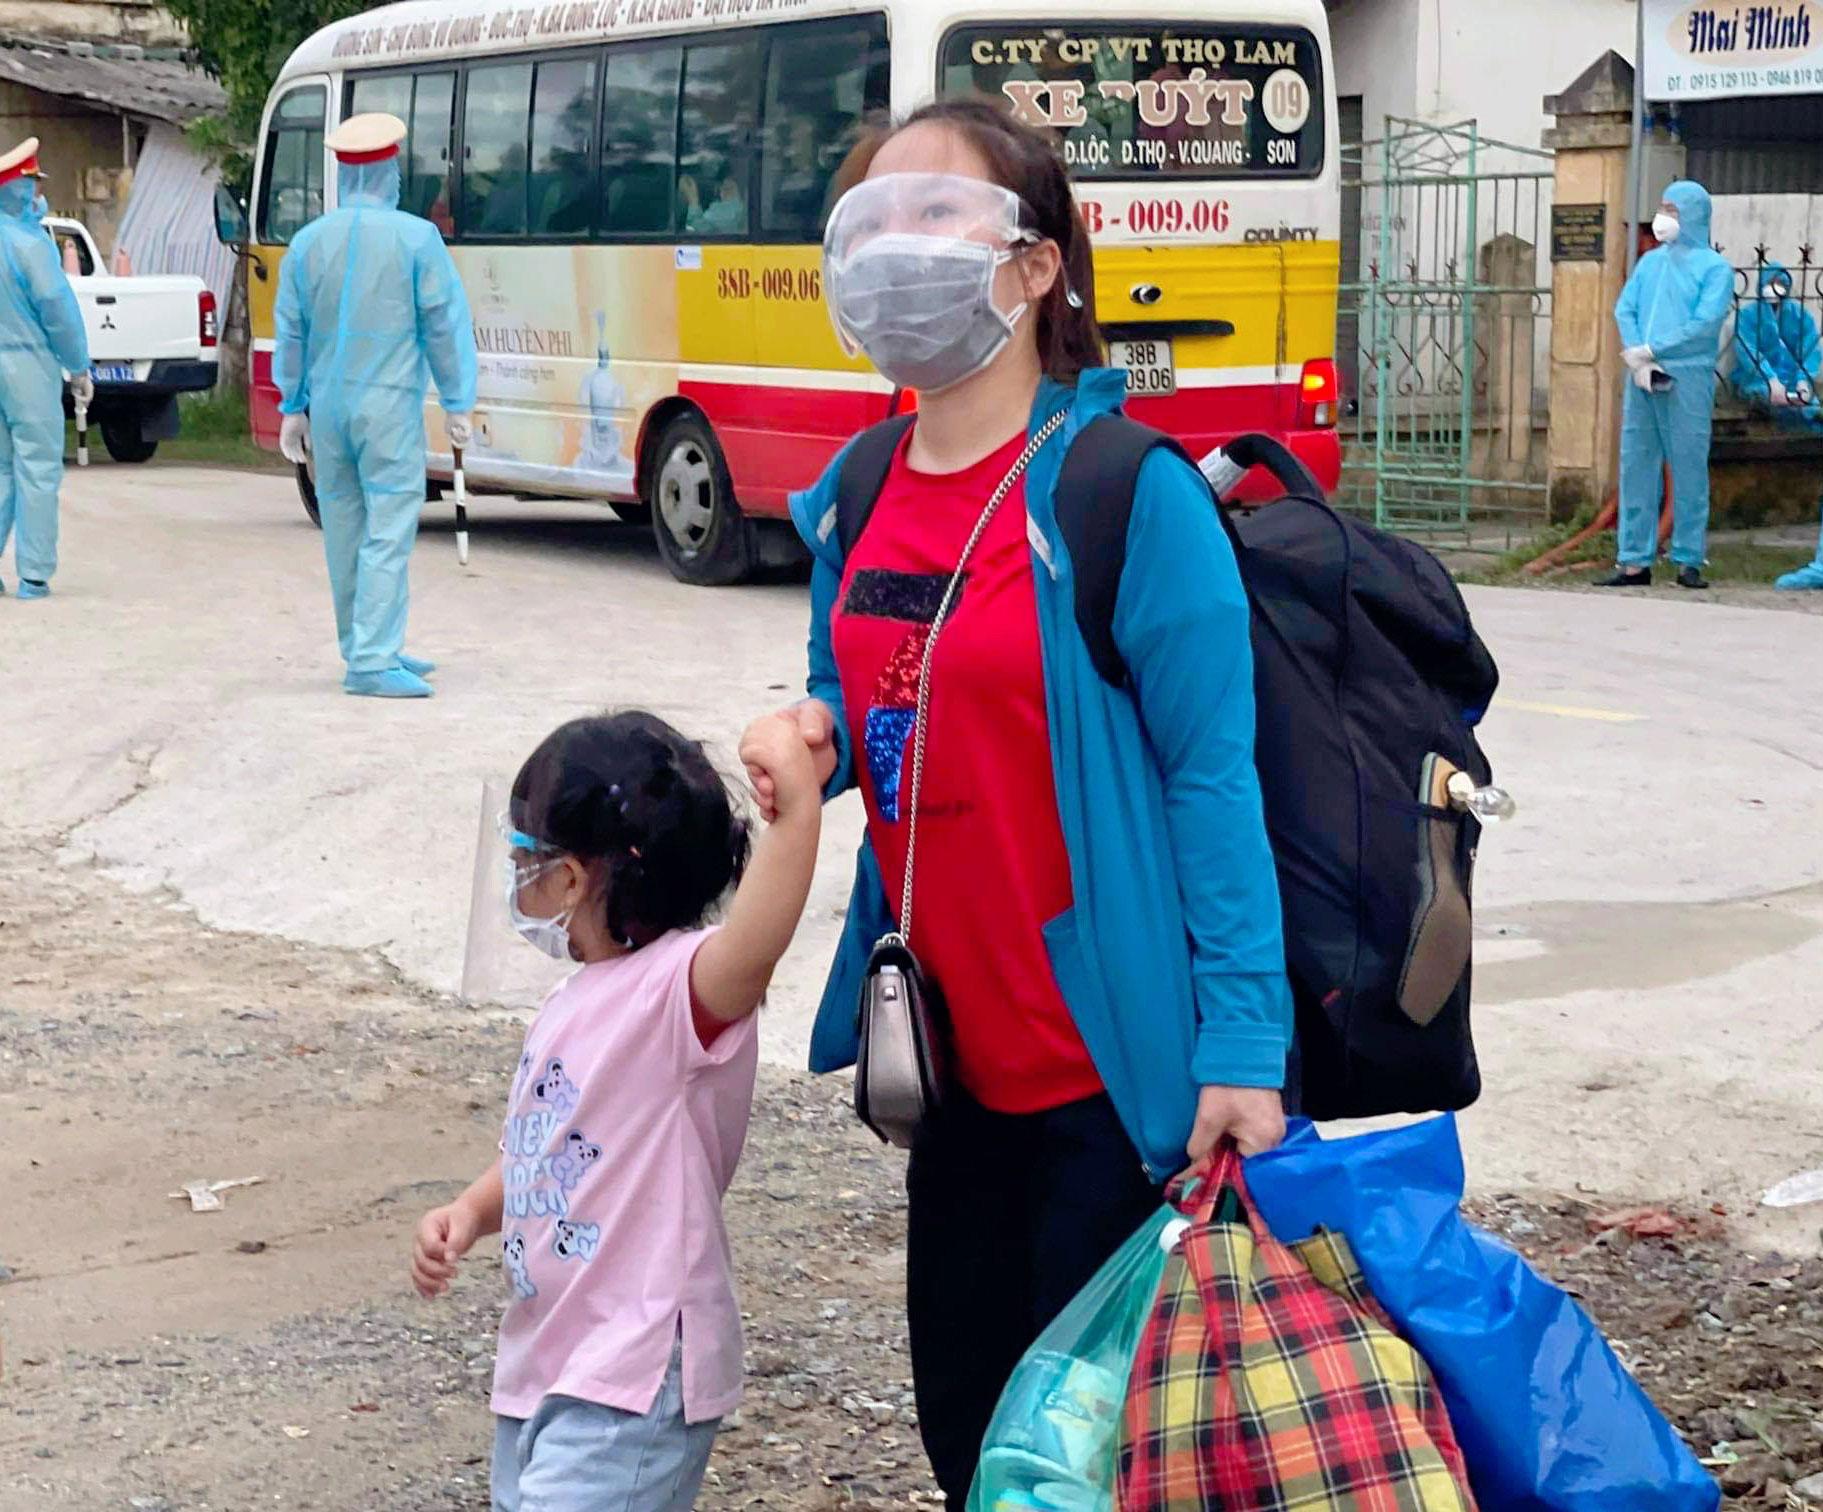 Chủ tịch UBND tỉnh Hà Tĩnh Võ Trọng Hải: '5 chuyến bay đưa khoảng 1.000 người Hà Tĩnh về quê nhà' - Ảnh 2.